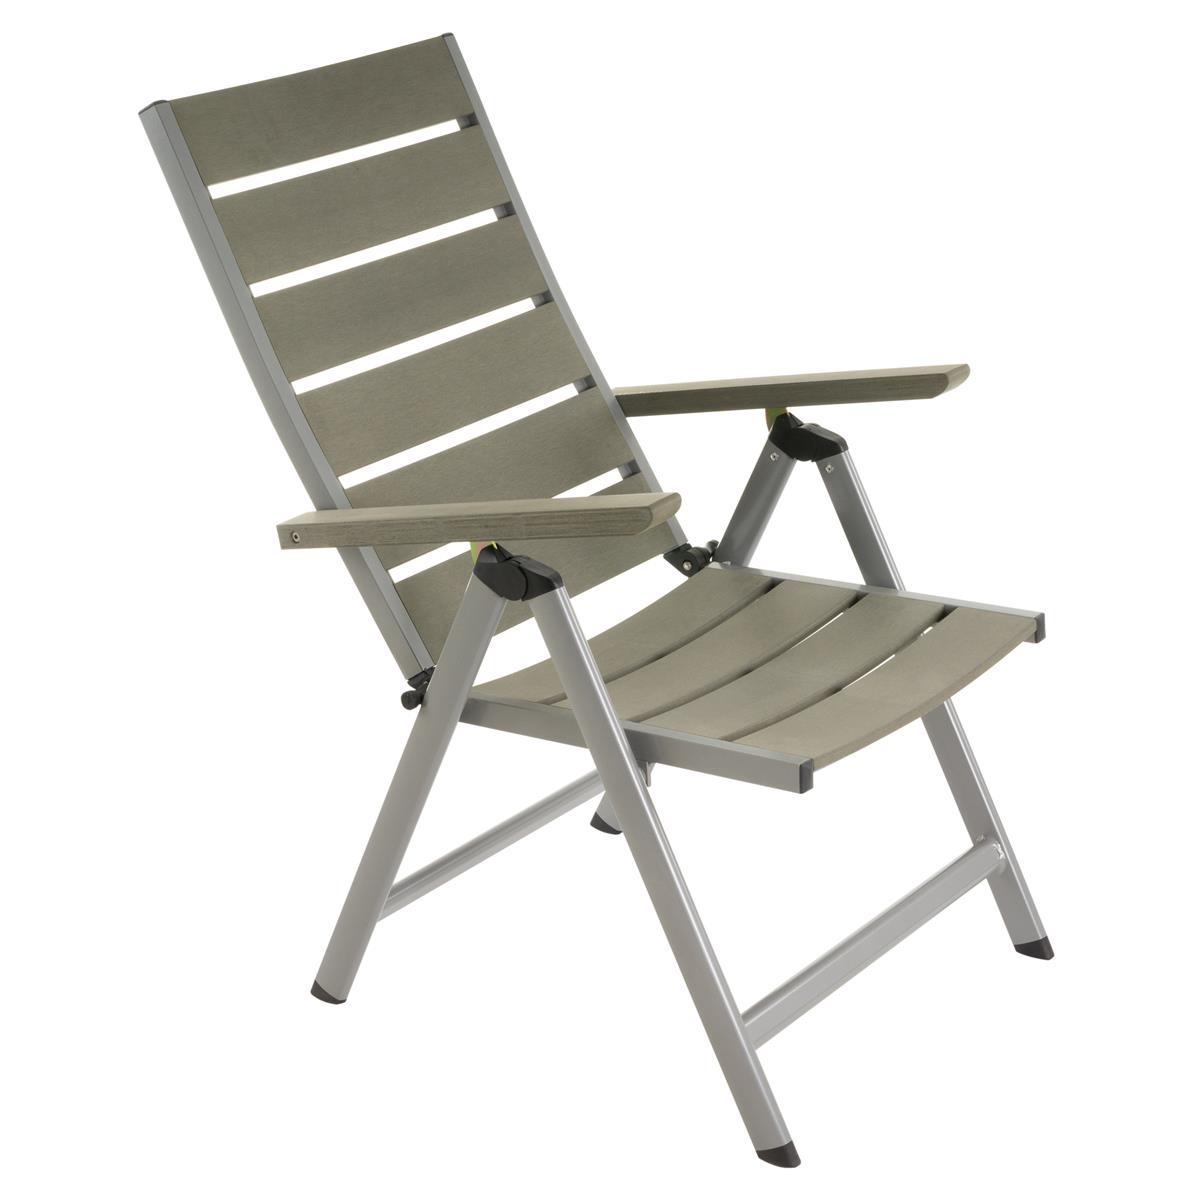 2er Set Gartenstuhl Klappstuhl Grau Aluminium Polywood